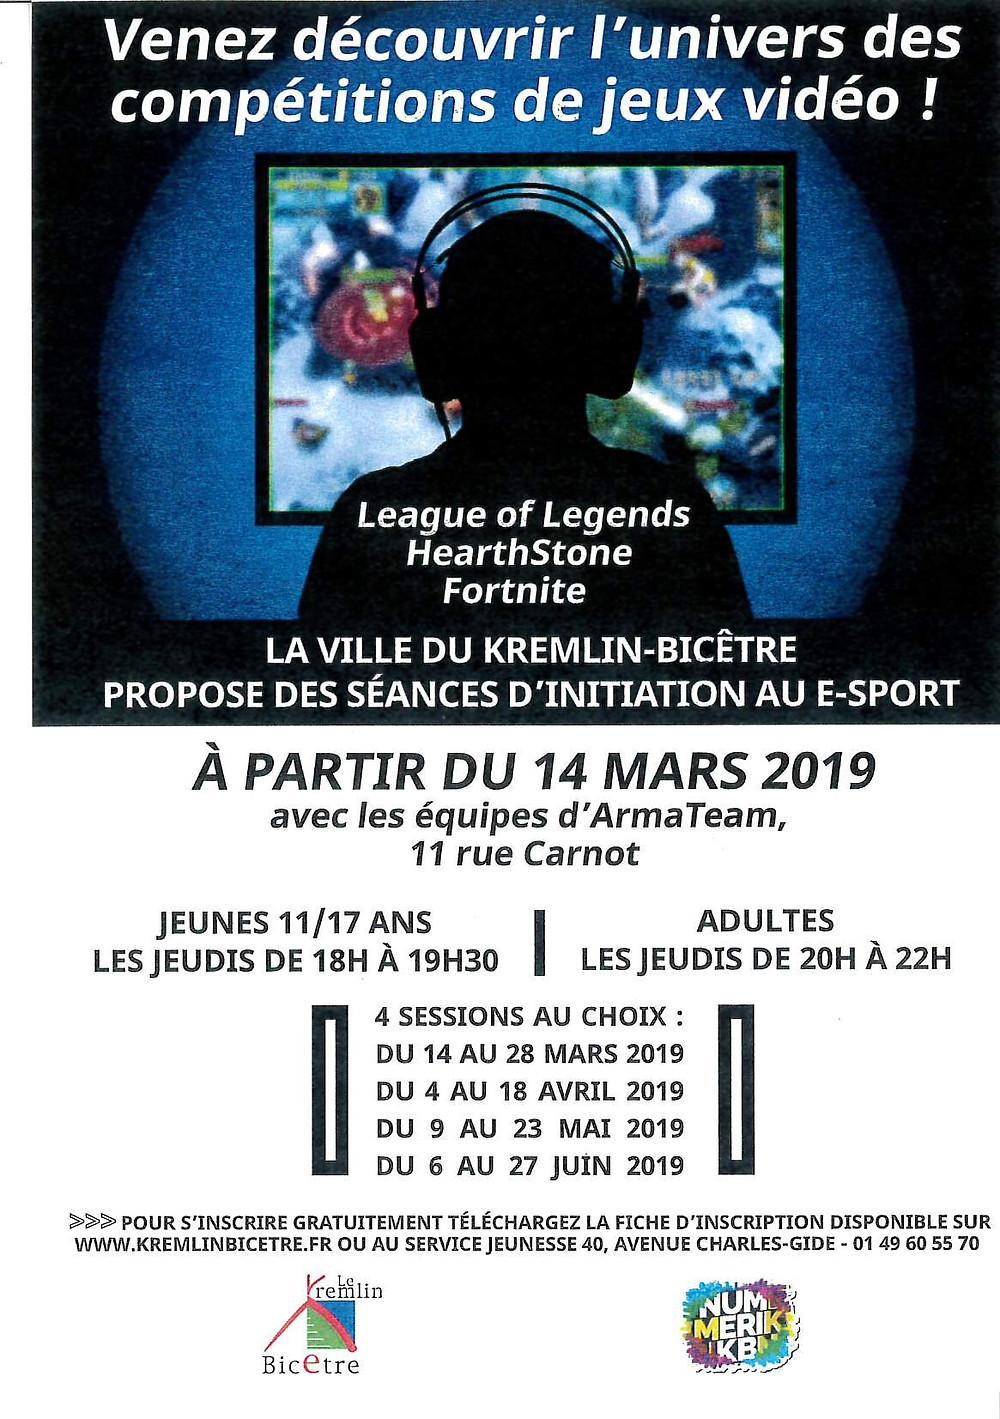 Initiation au E-Sport - 4 sessions gratuites